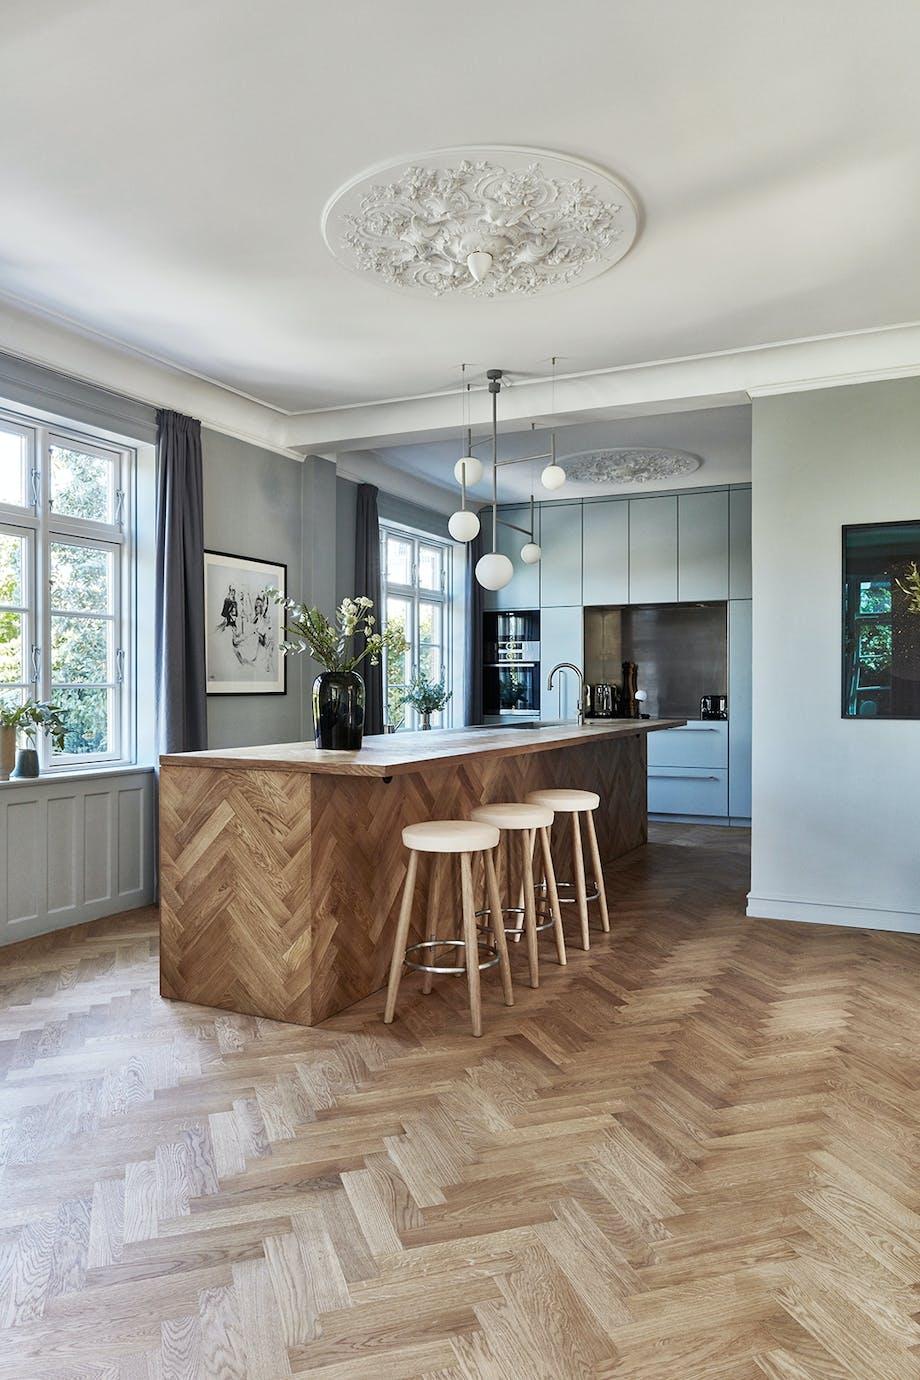 køkken sildebensmønster dansk design barstol